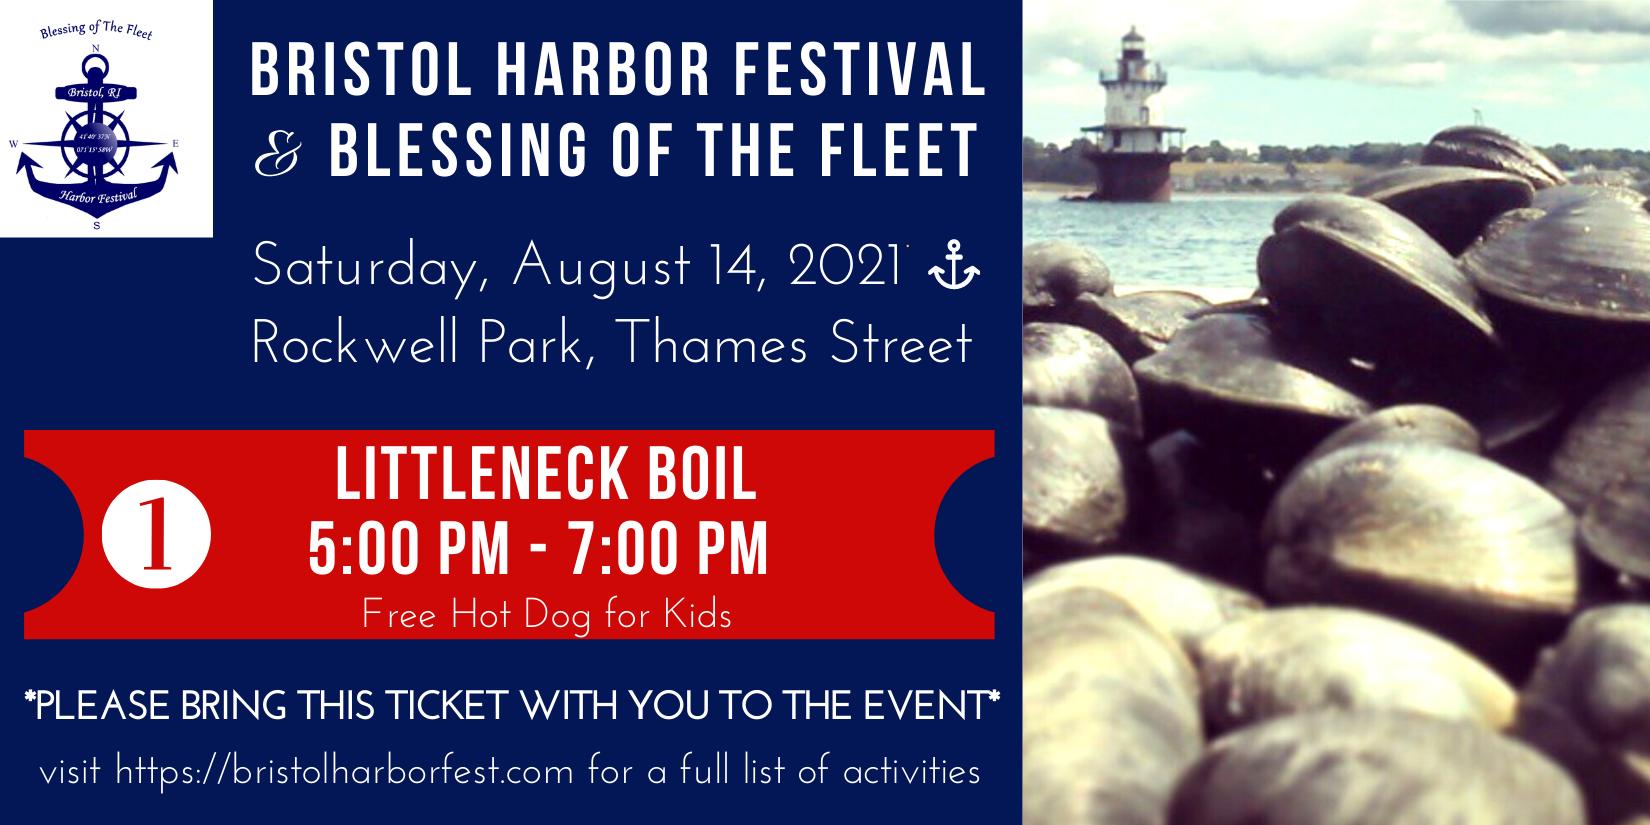 Bristol Harbor Festival 2021 Littleneck Boil Ticket